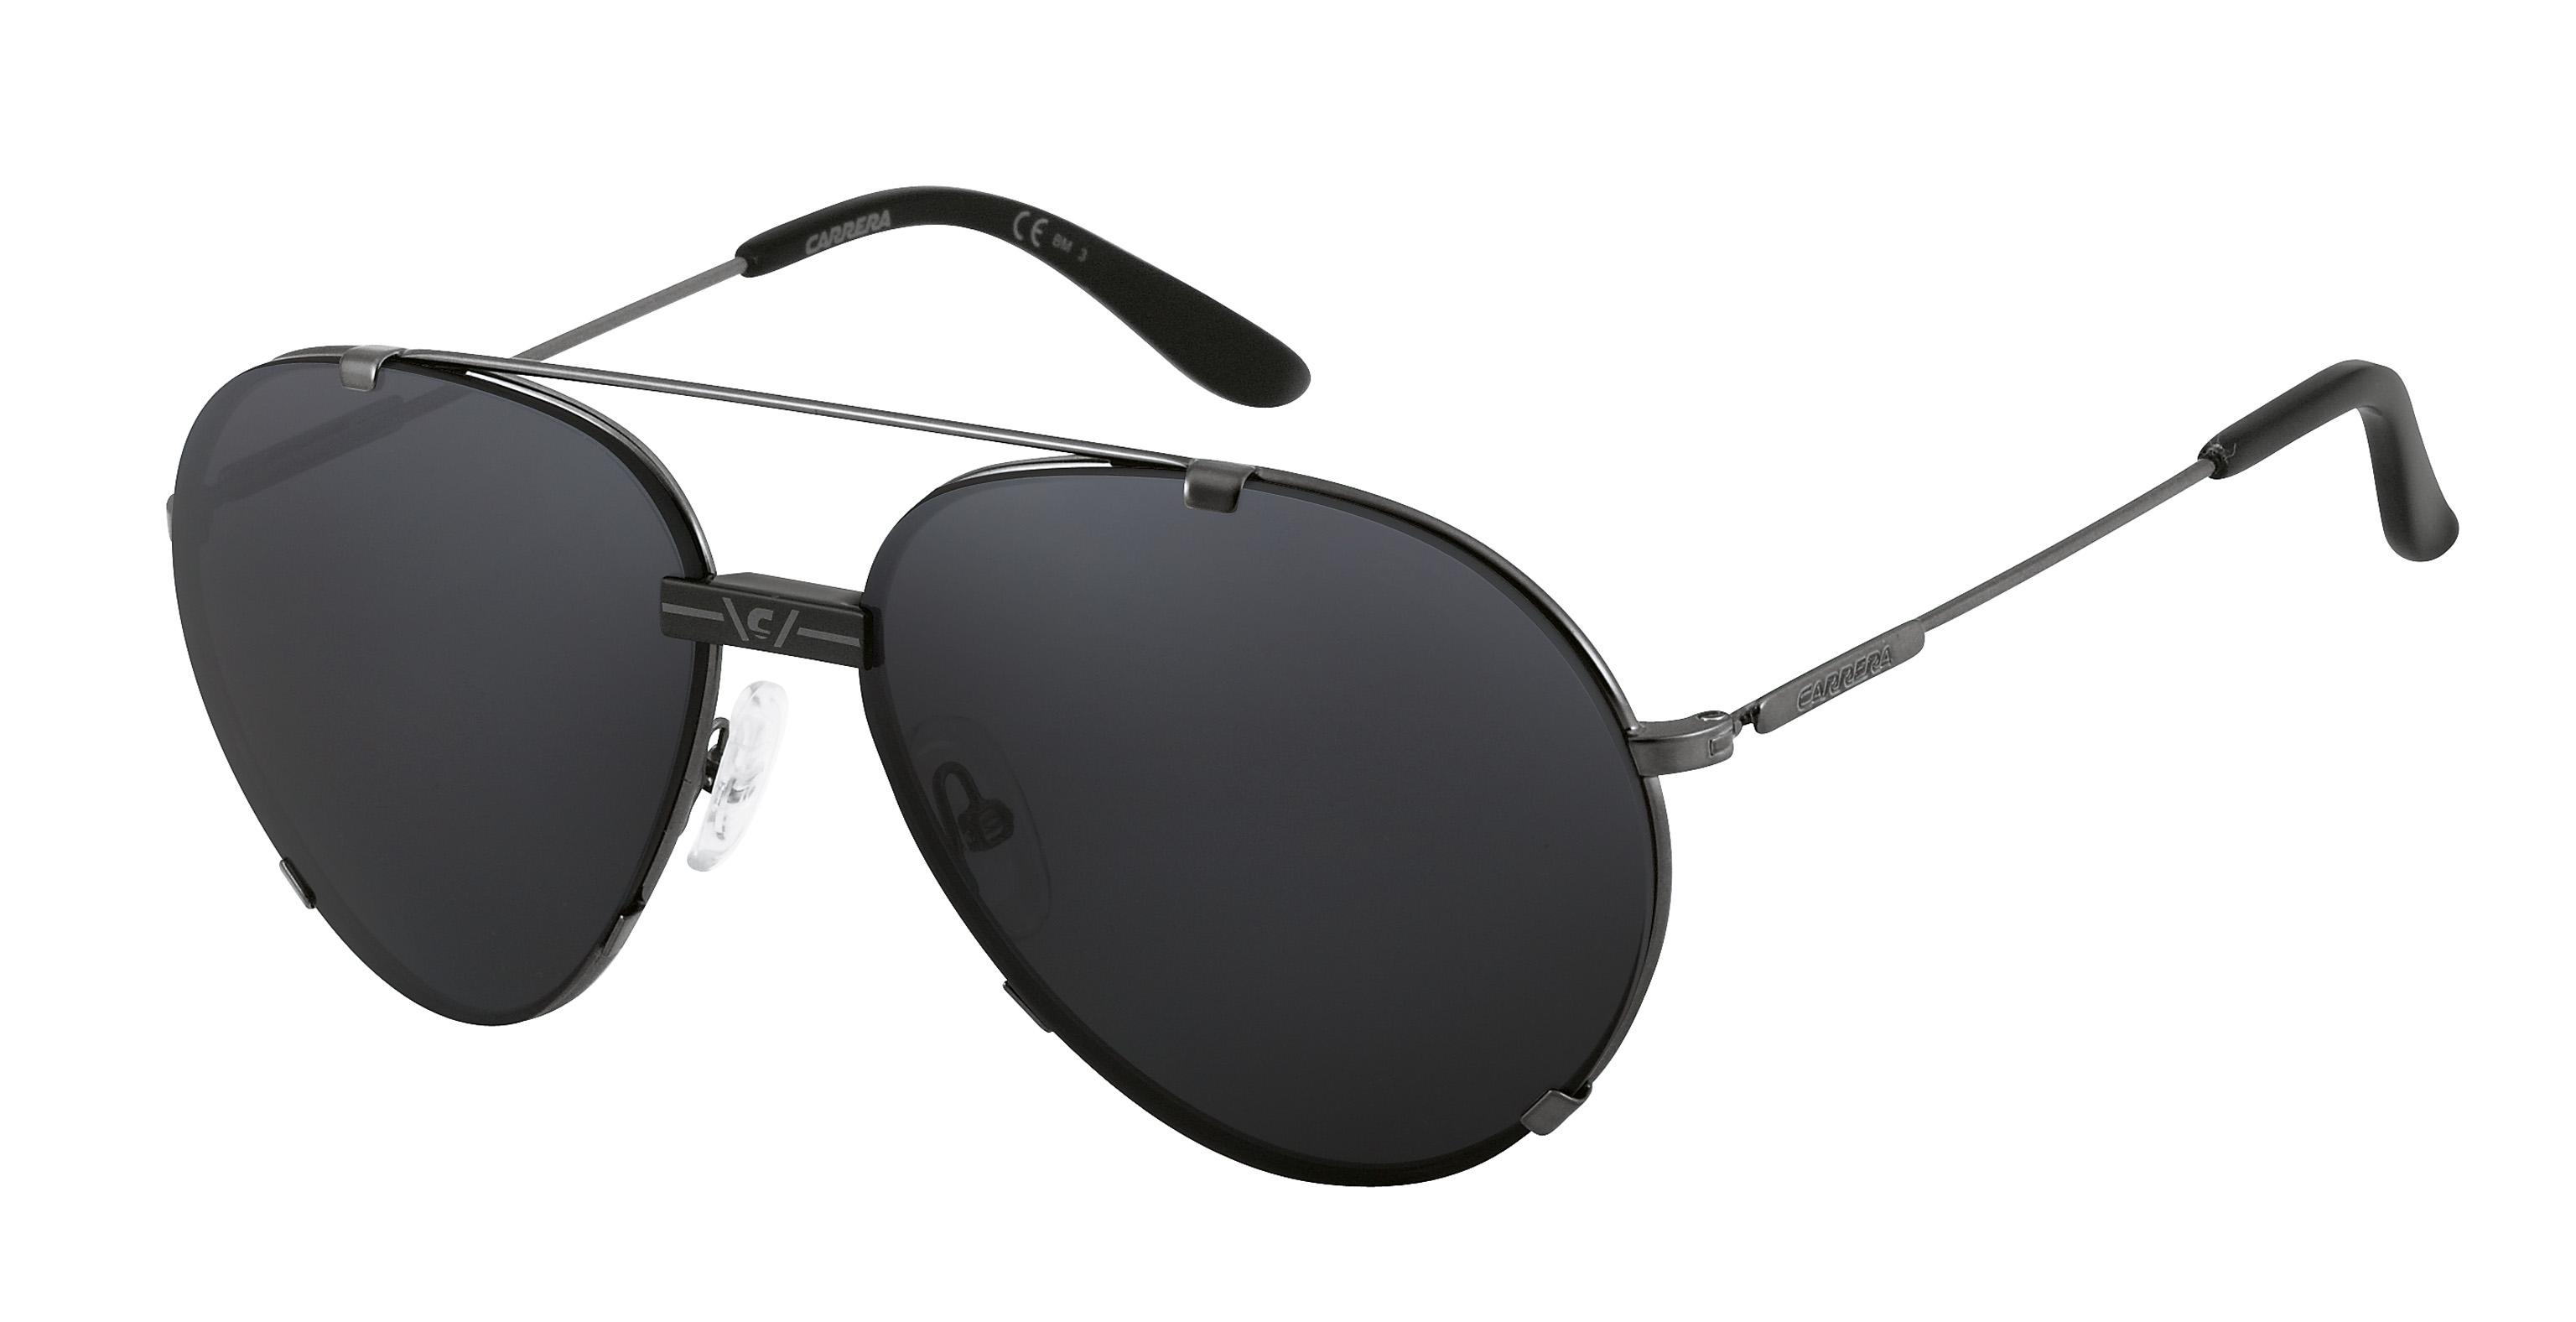 Tamanhos Oculos Ray Ban Aviator   Les Baux-de-Provence f4e1278816